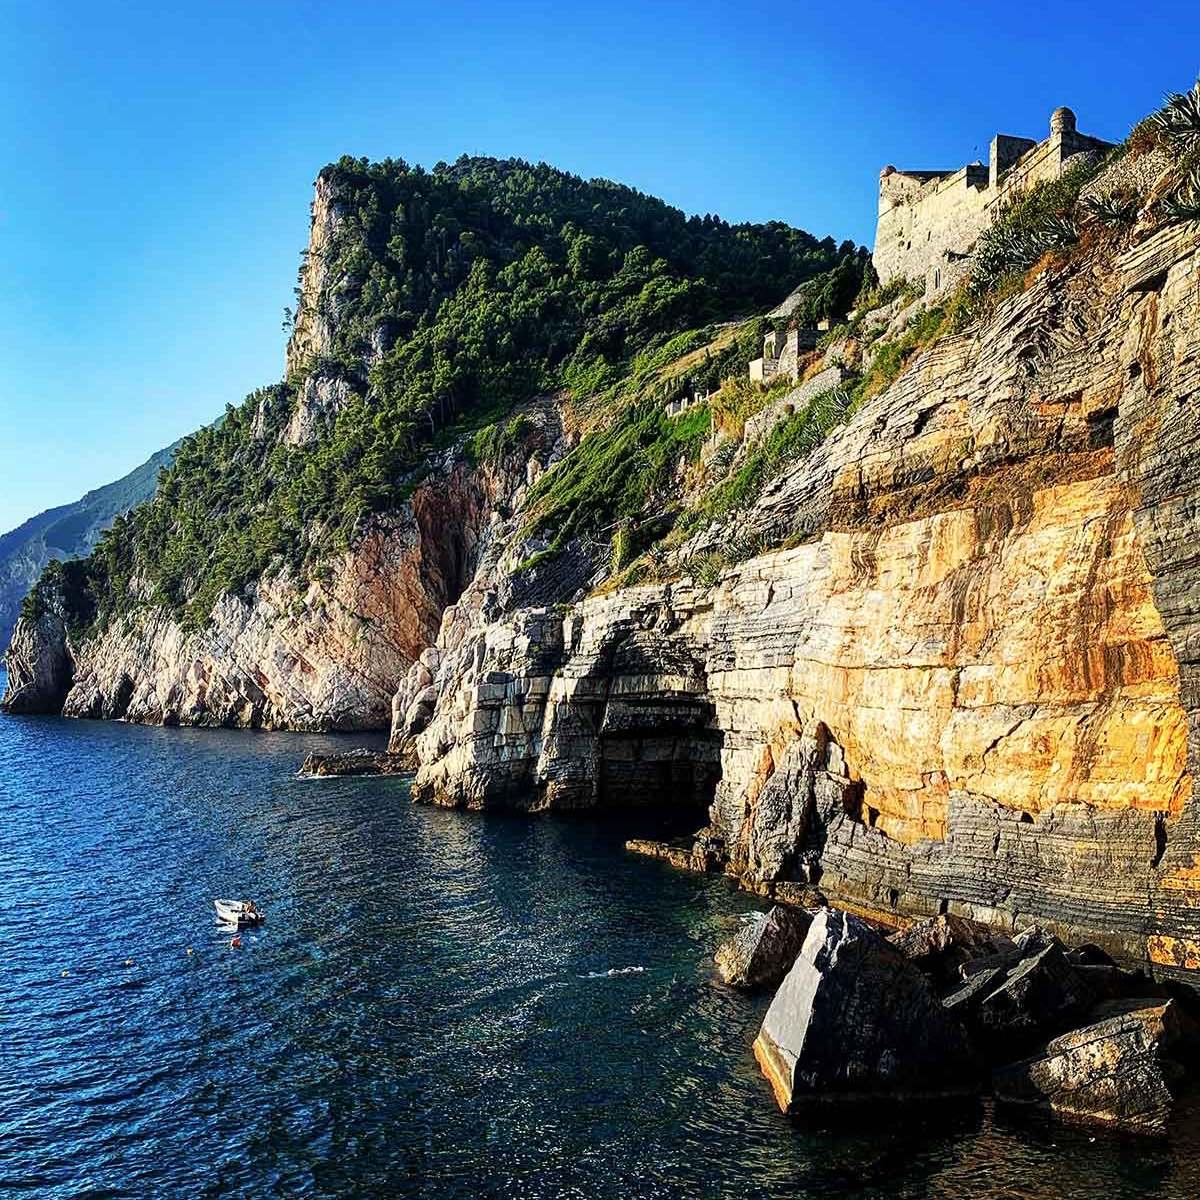 Porto Venere near Cinque Terre, Italy